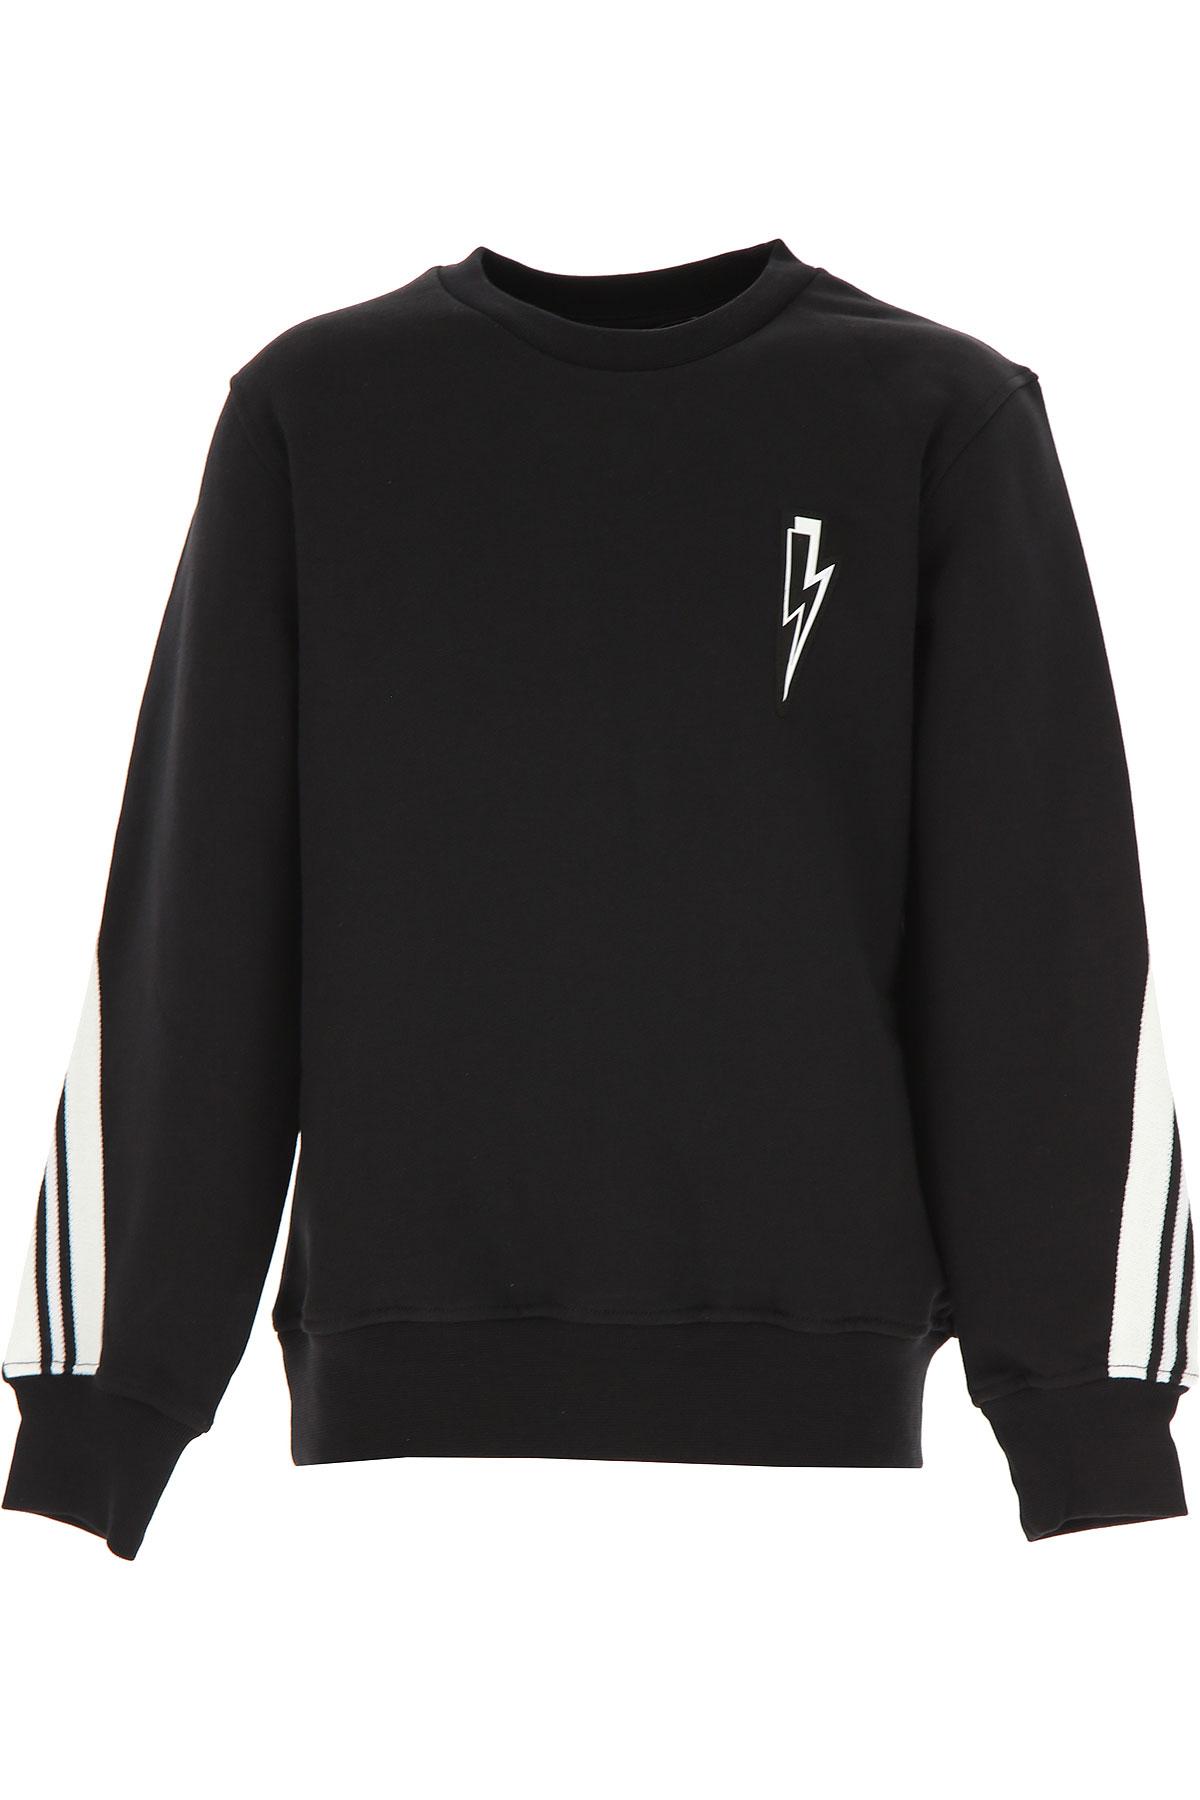 Neil Barrett Kids Sweatshirts & Hoodies for Boys On Sale, Black, Cotton, 2019, 10Y 12Y 14Y 8Y